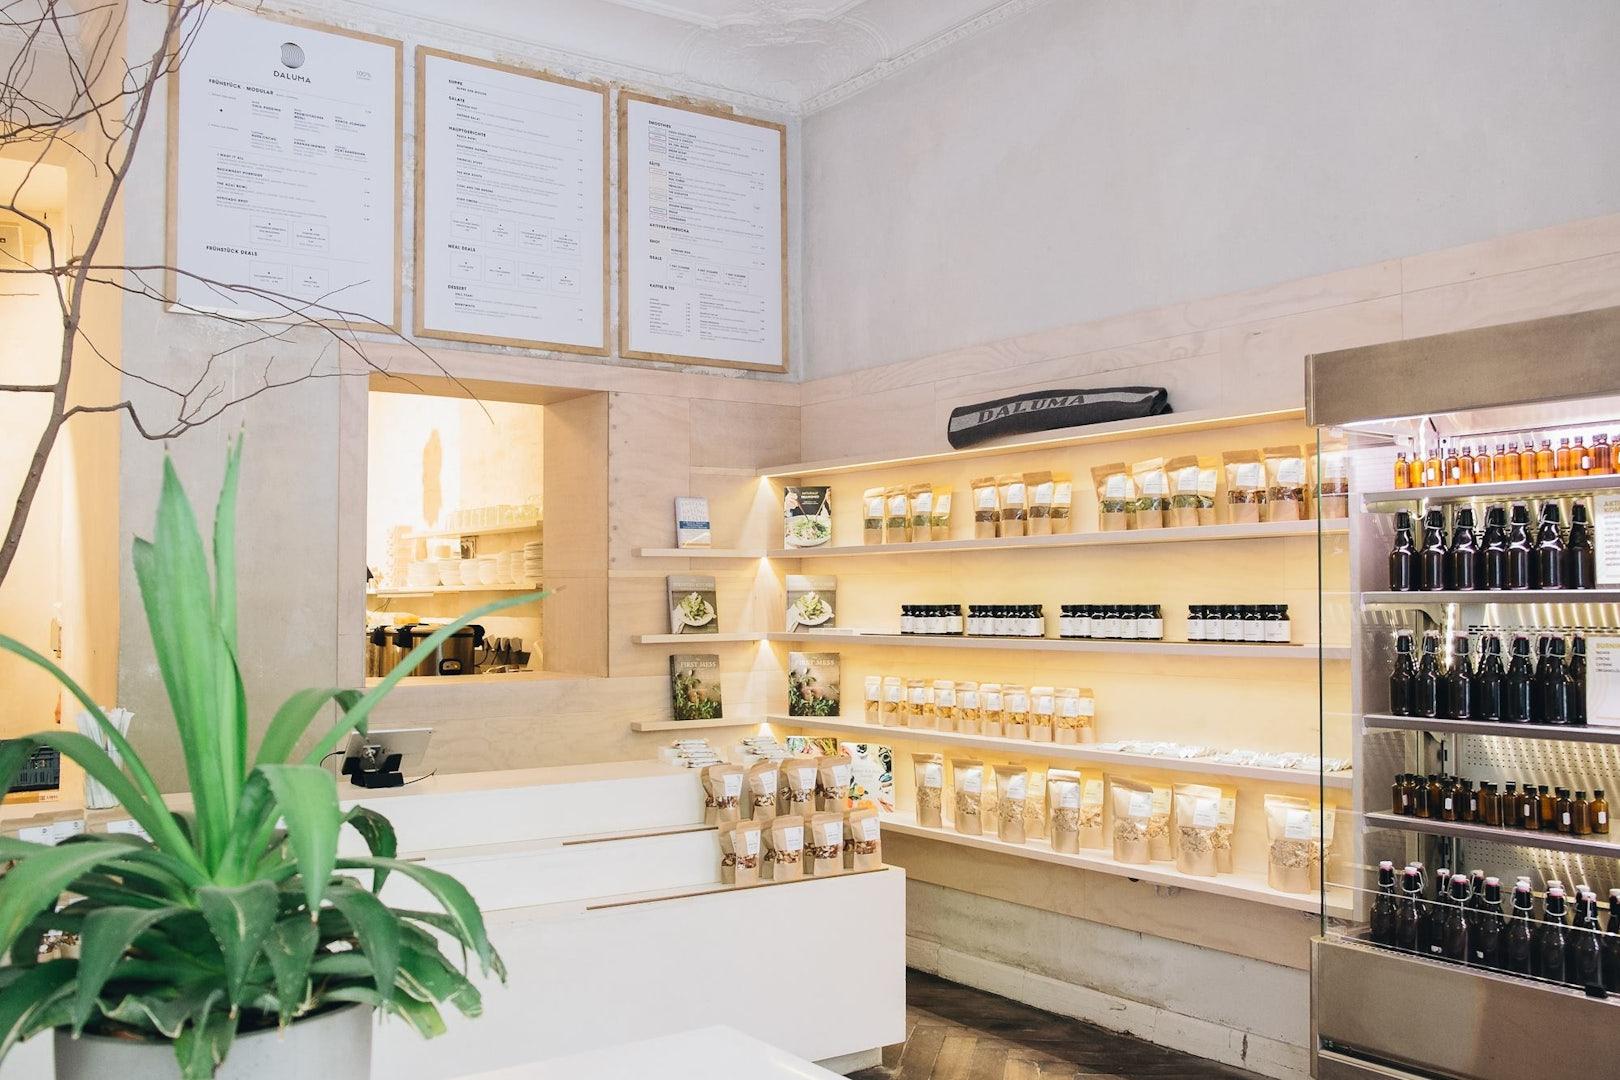 Daluma bar and products